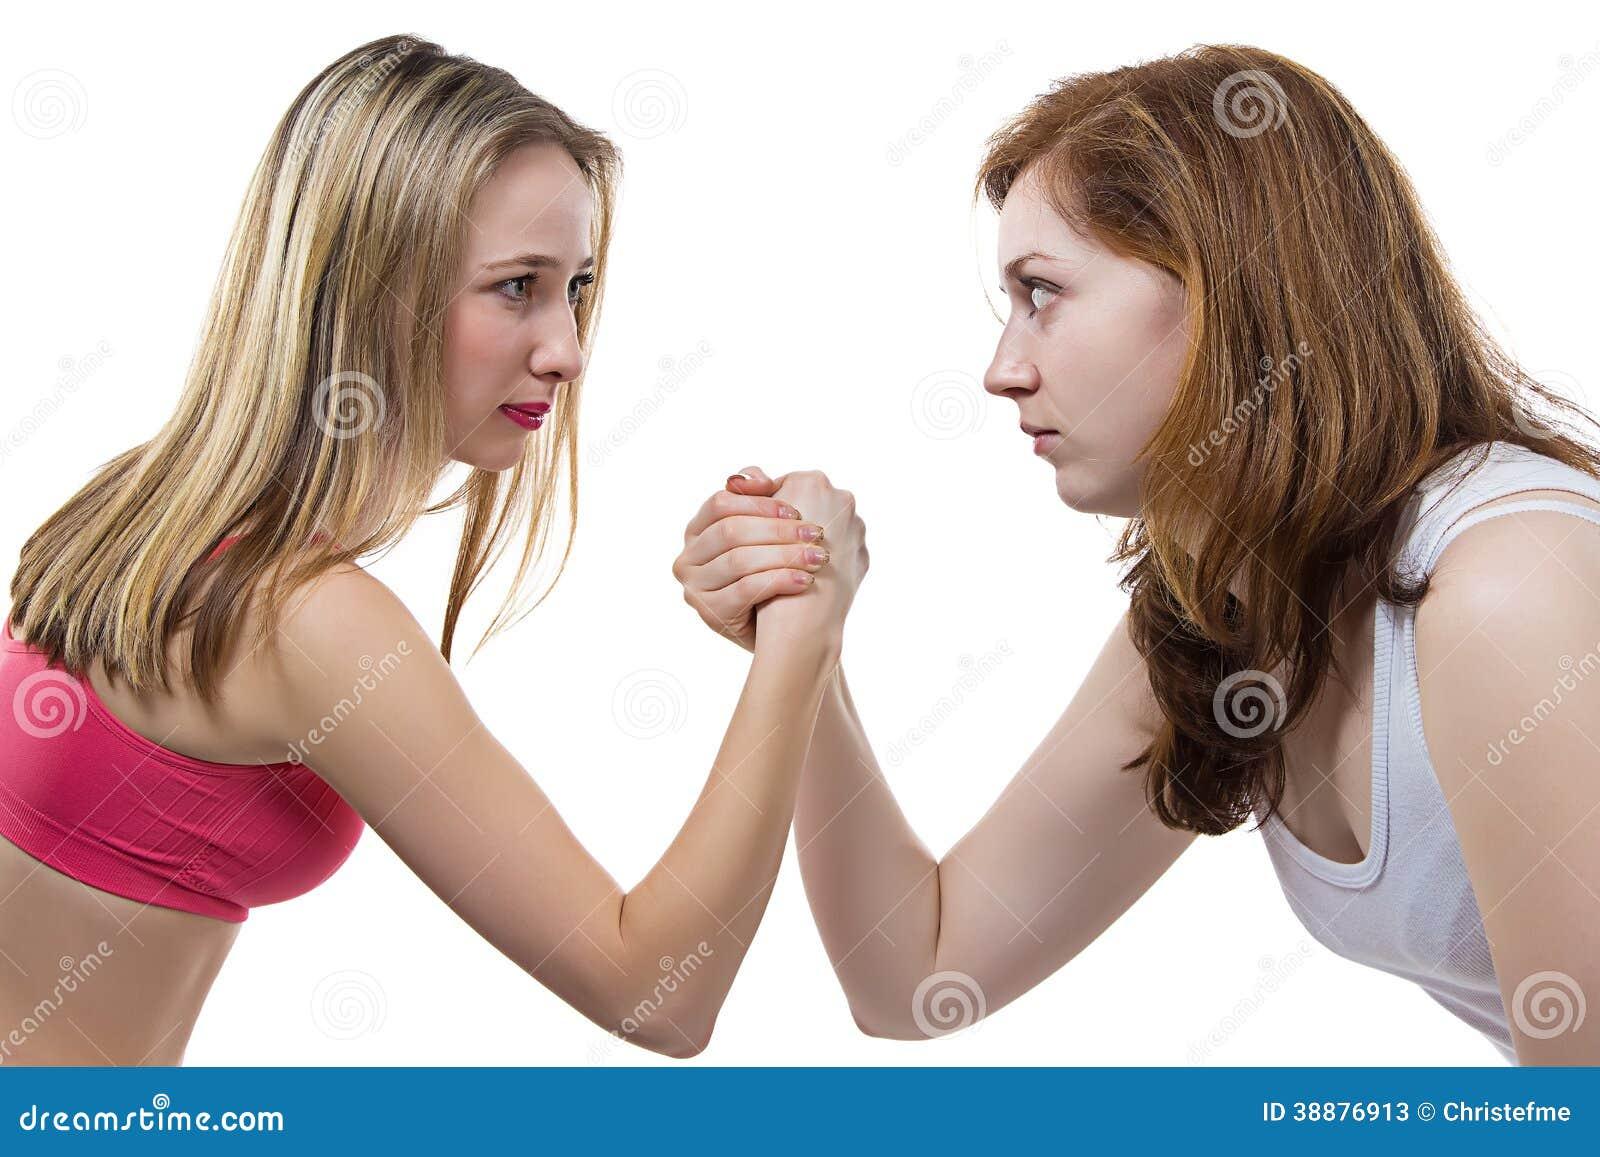 Erotisches Mädchen Mädchen gegen Wrestling